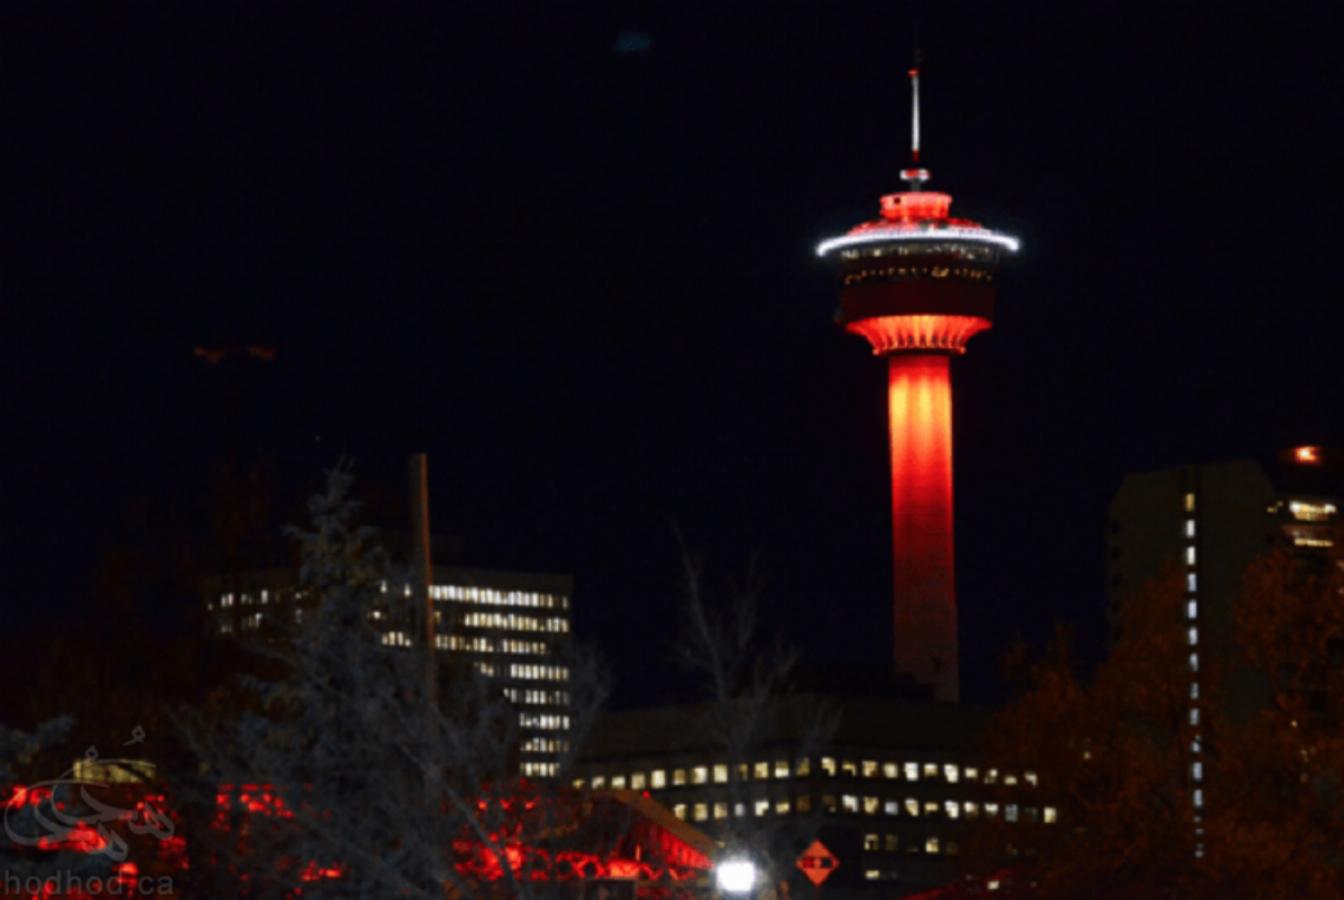 جاذبه های گردشگری کانادا: برج کلگری